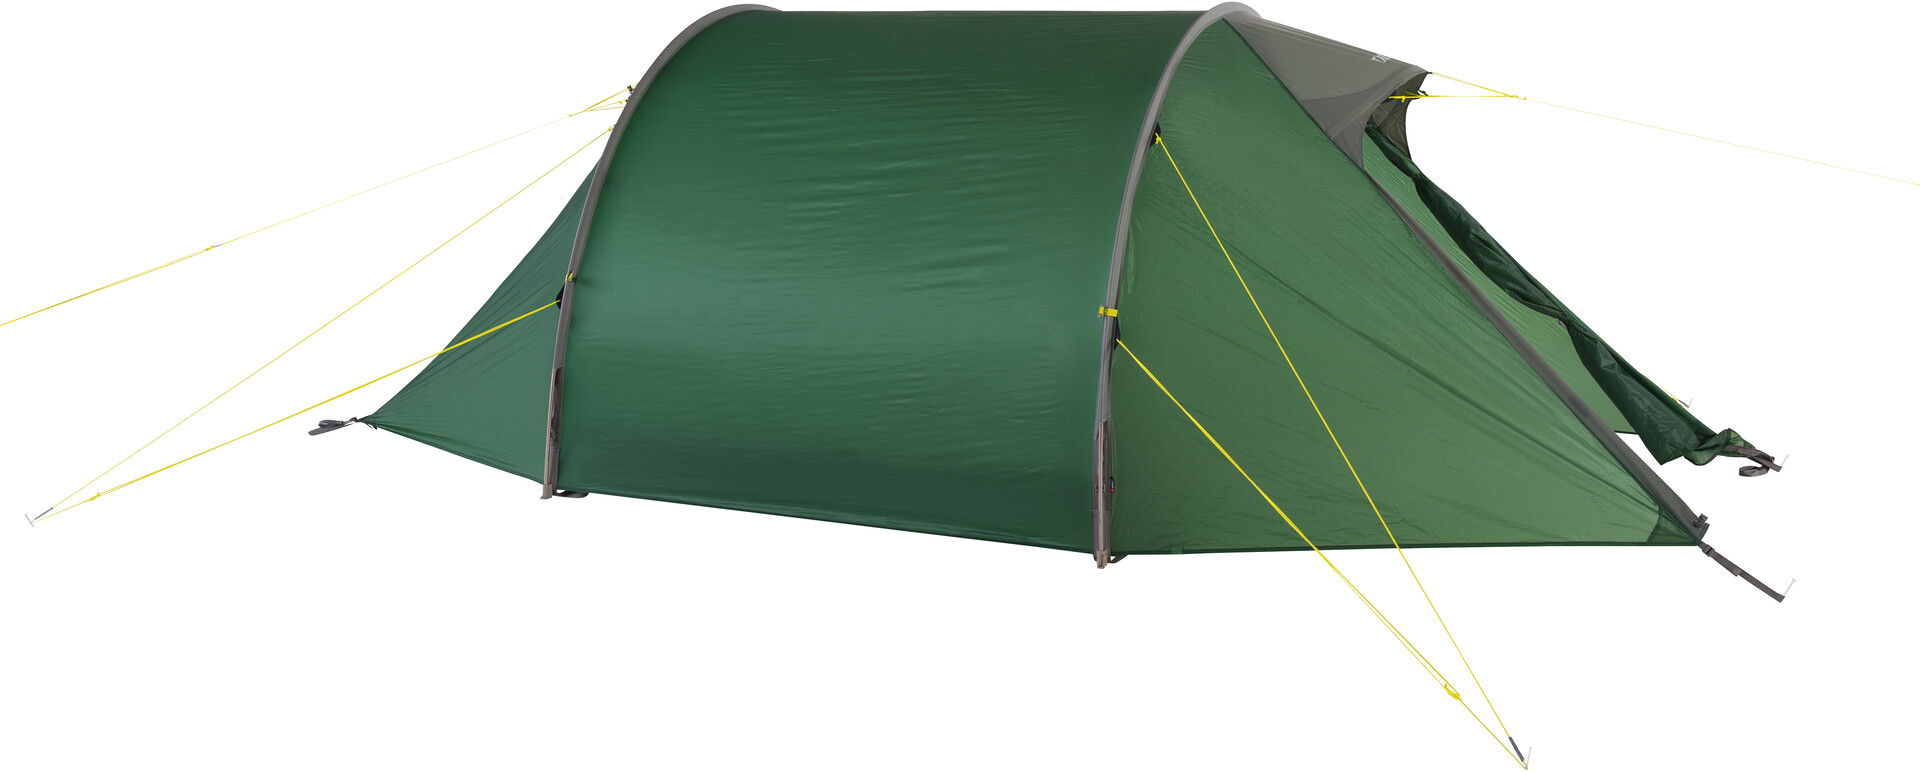 Tatonka Orbit 3 Tent green at addnature